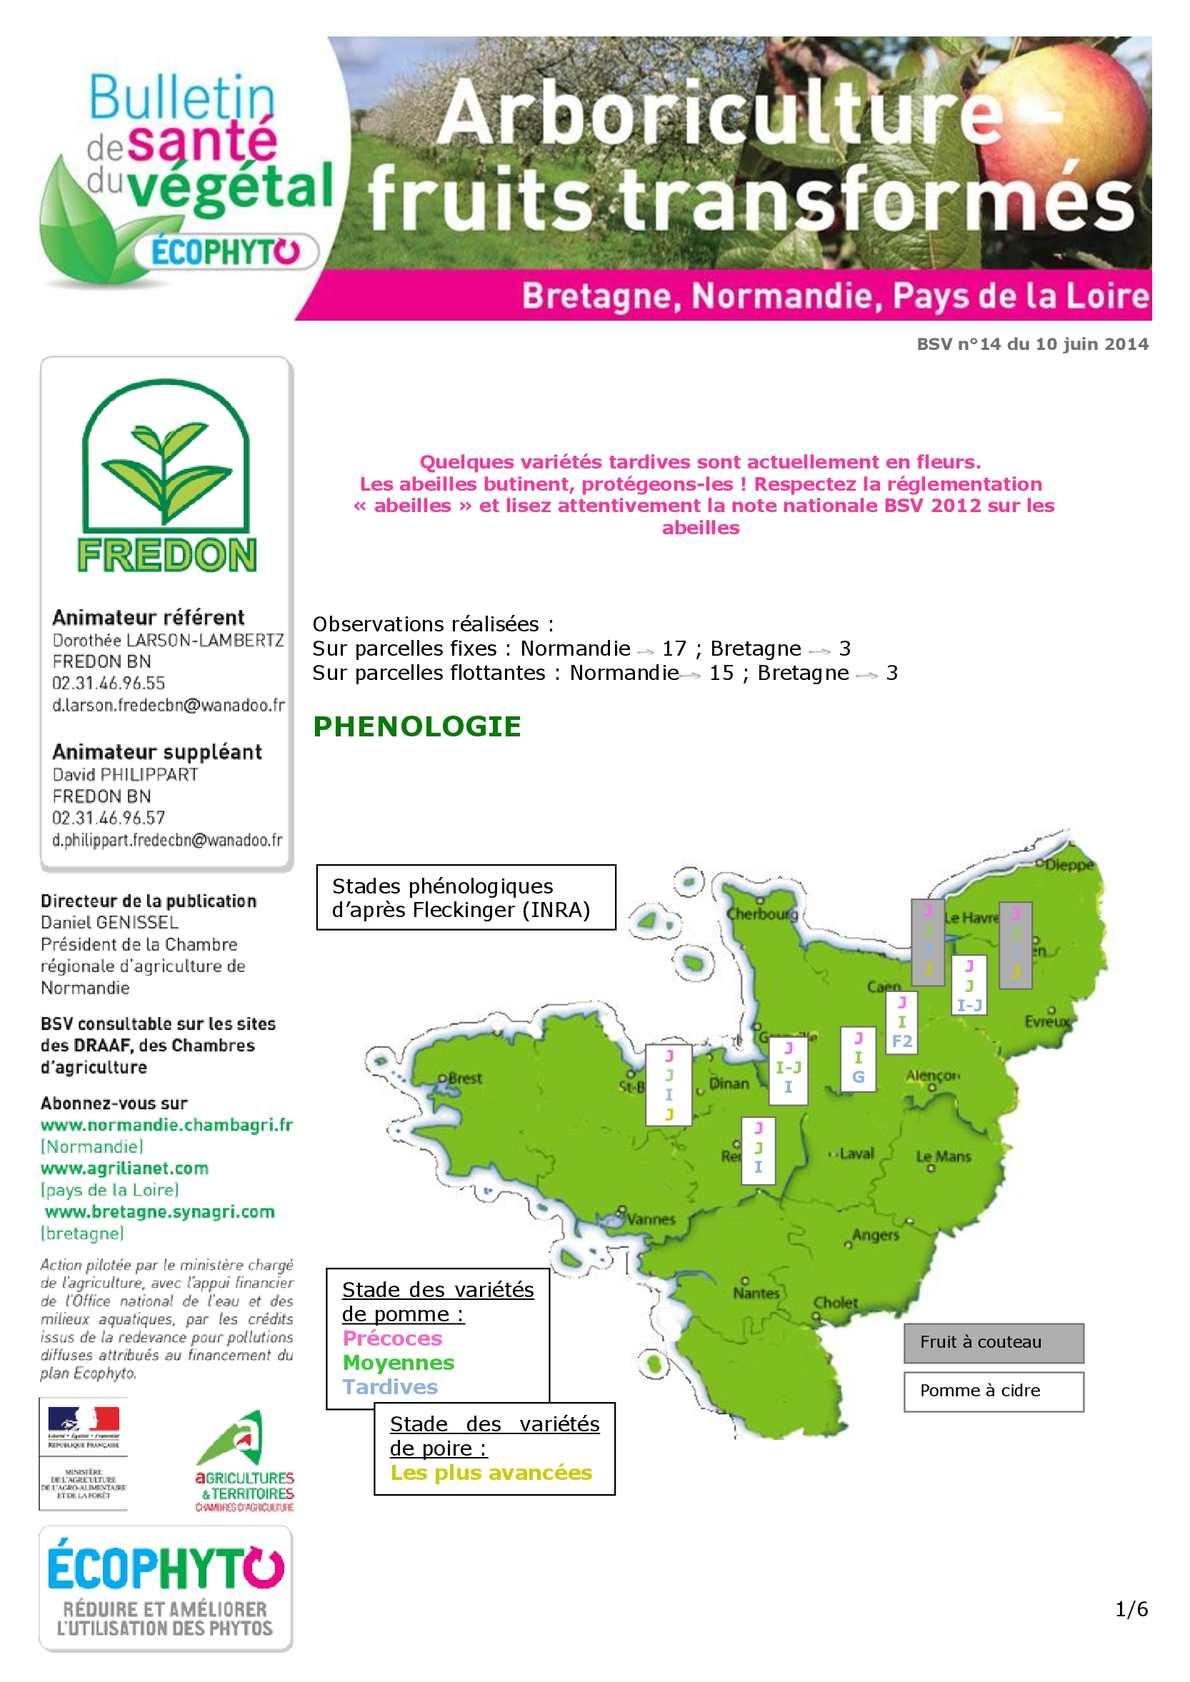 Bsv Normandie calaméo - n°14 du 10-06-14